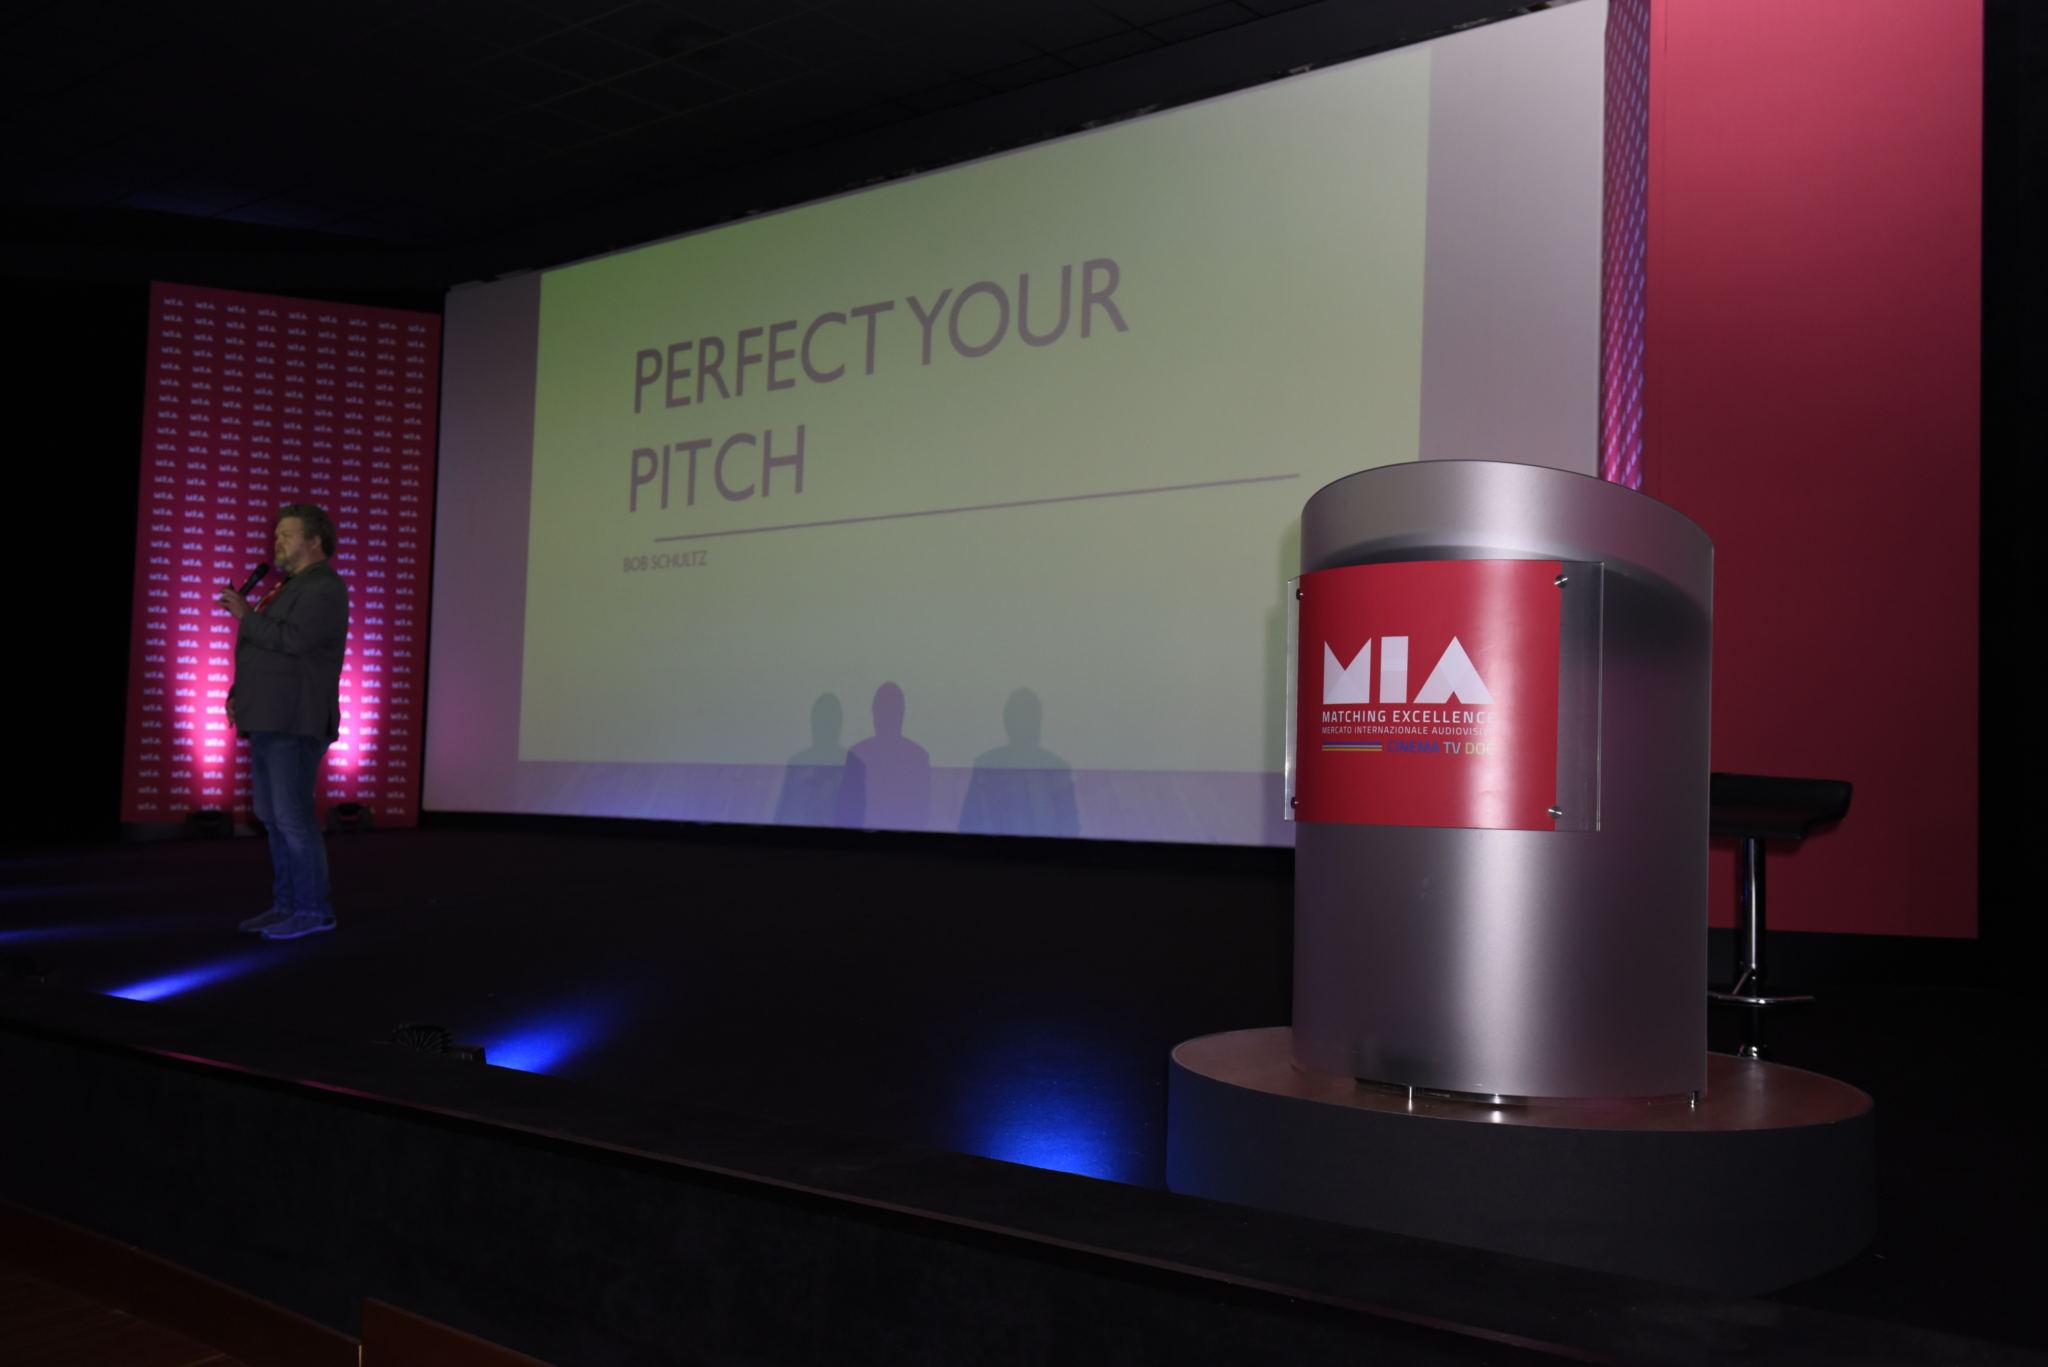 MIA|Masterclass – Pitching Boot Camp